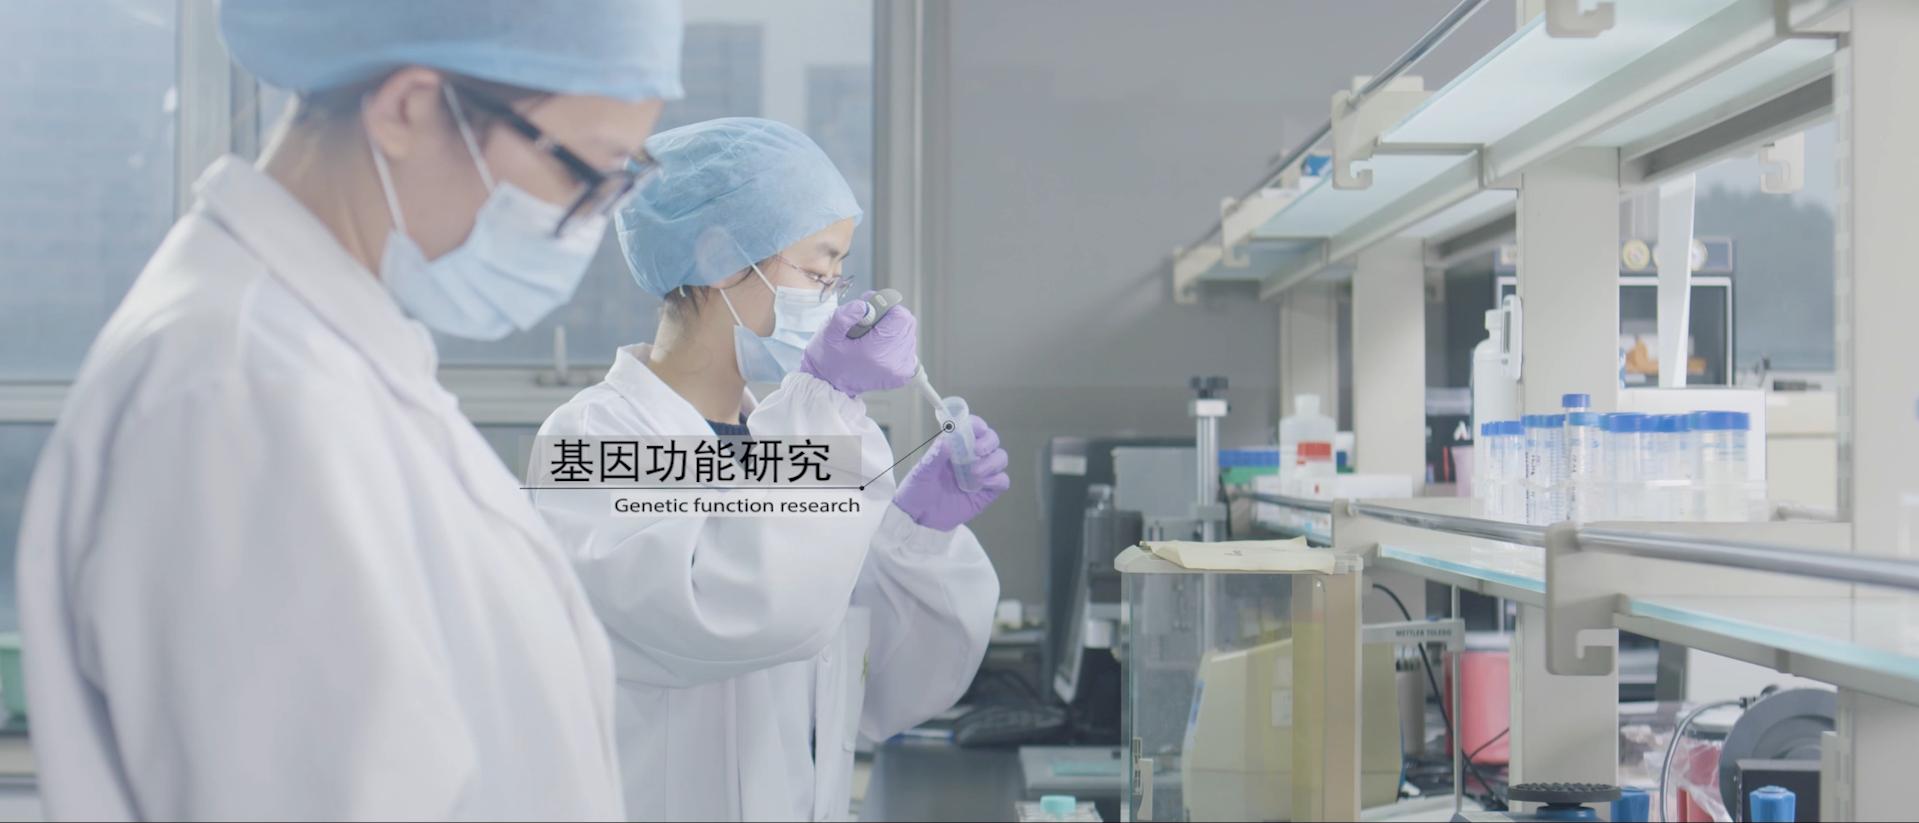 伯豪生物基因工程验证服务